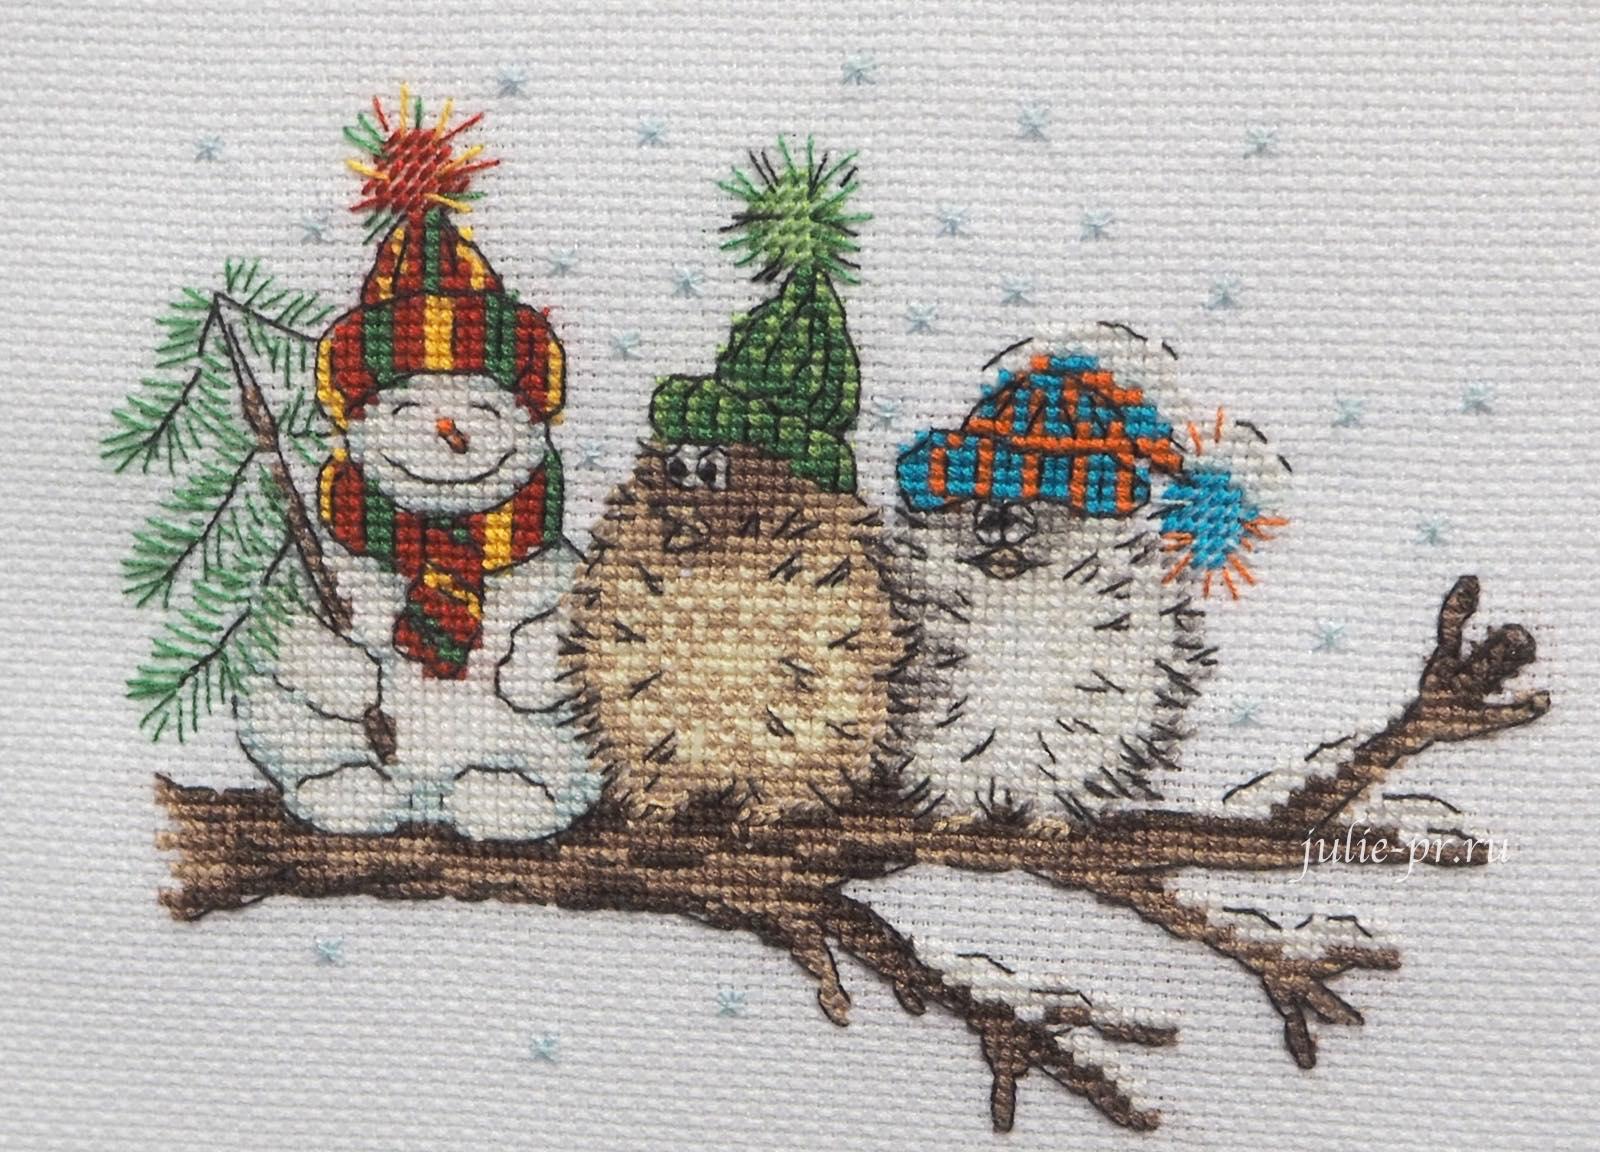 снеговик, сова, кларт, В кругу друзей, вышивка крестом, формула рукоделия зима 2020